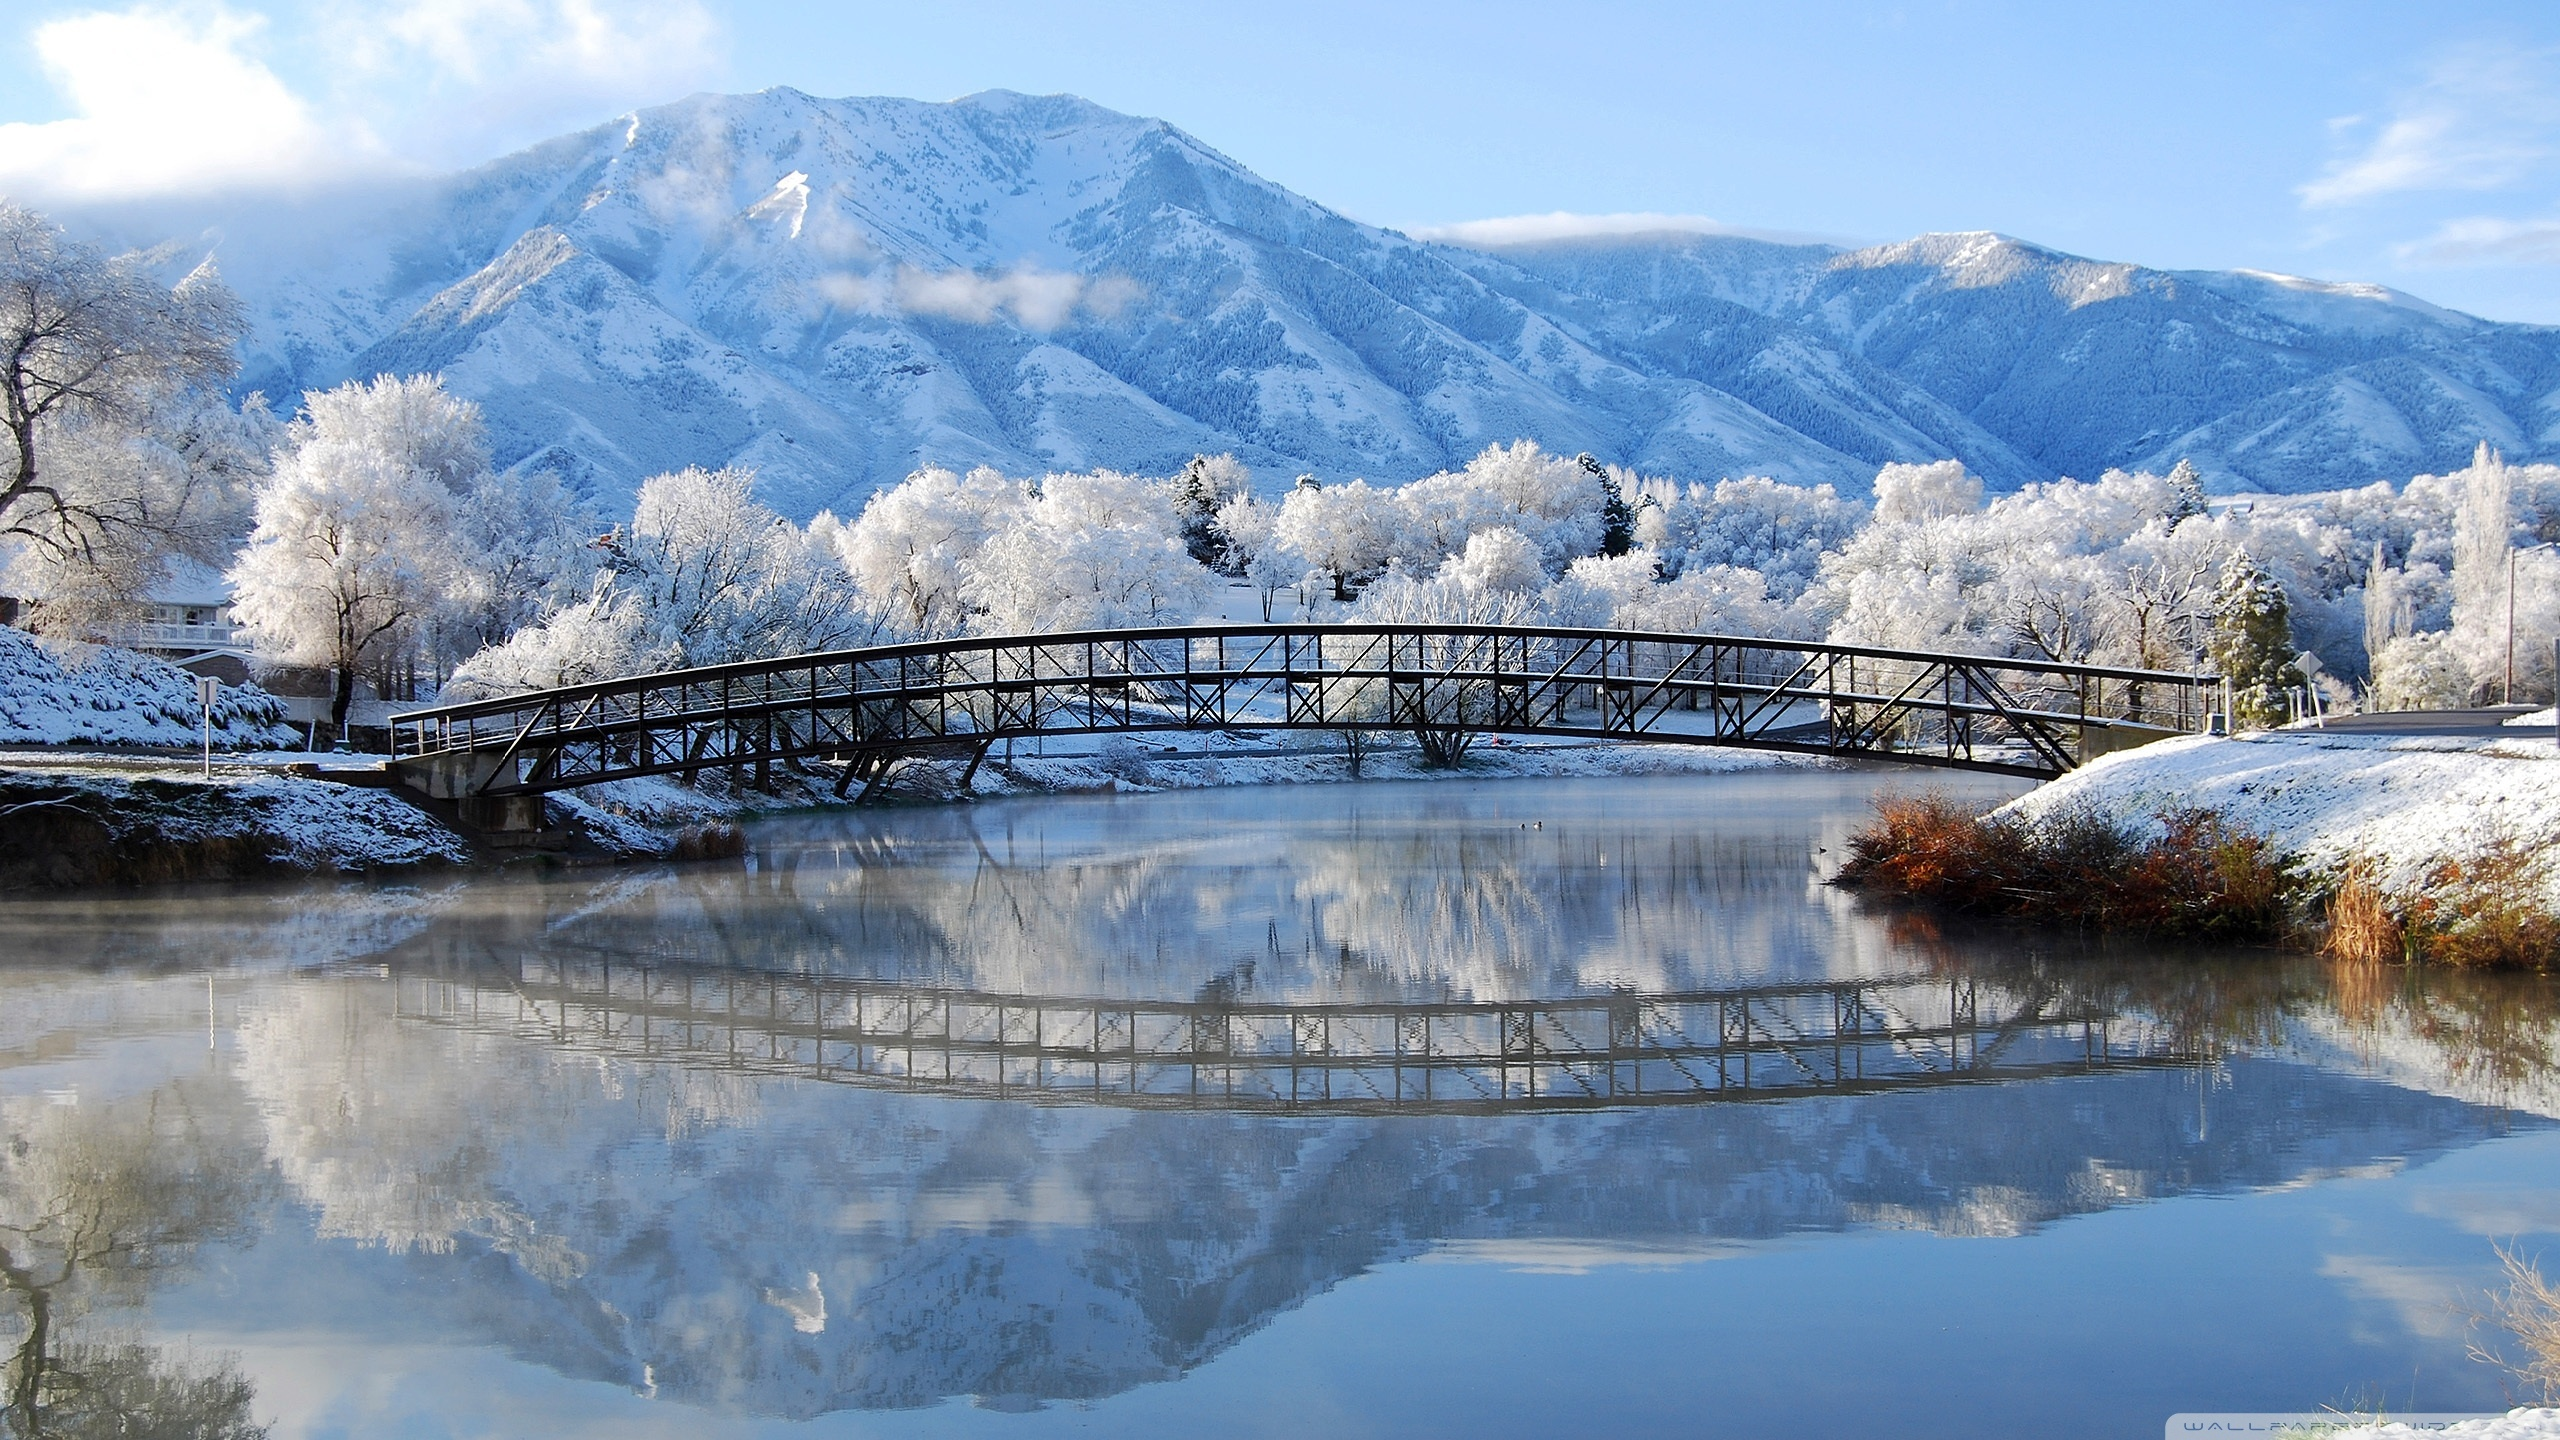 Good Wallpaper Mountain 1440p - widescreen-winter-wallpaper-18  Pic_273810.jpg